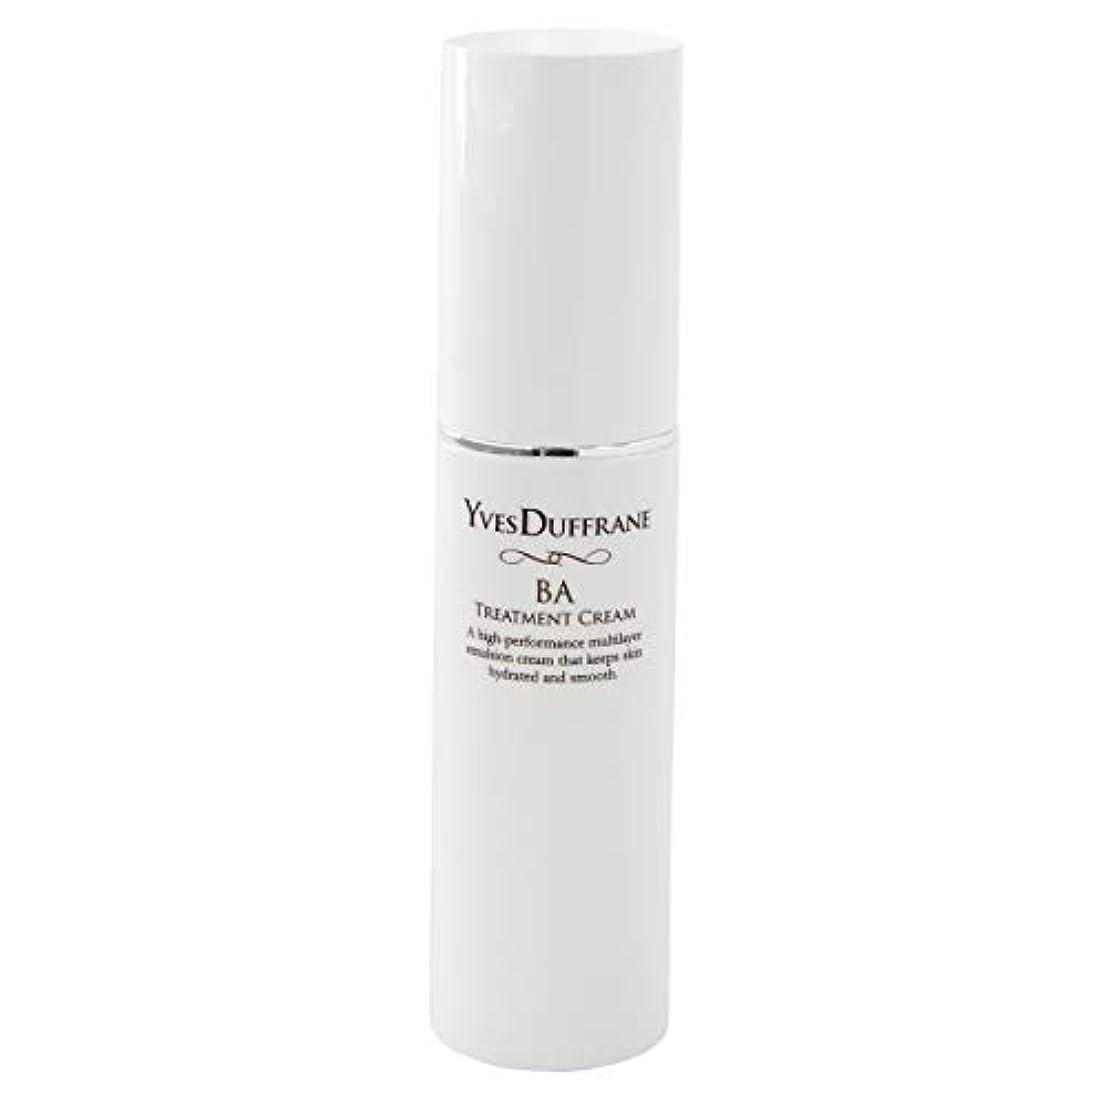 過度のもう一度ゴミセラミド 美容クリーム [BAトリートメント クリーム ] 顔 目元 敏感肌 保湿 セラミド ビタミンC誘導体 バイオアンテージ配合